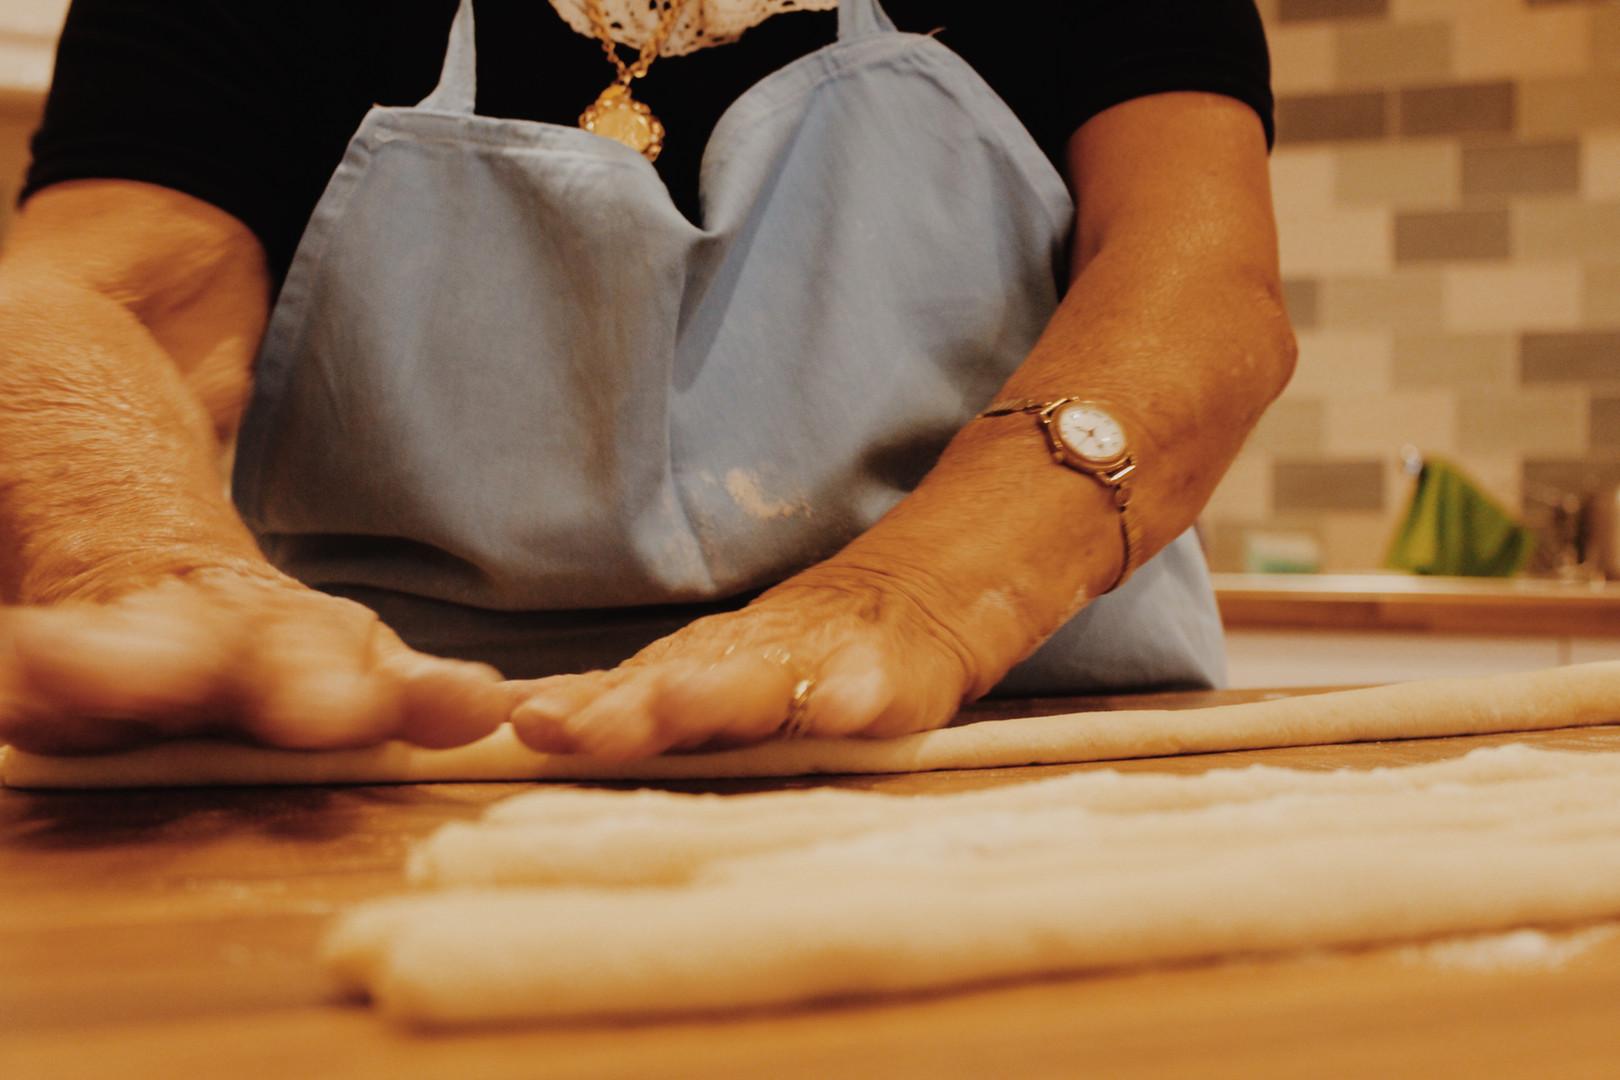 Nonna rolling pasta